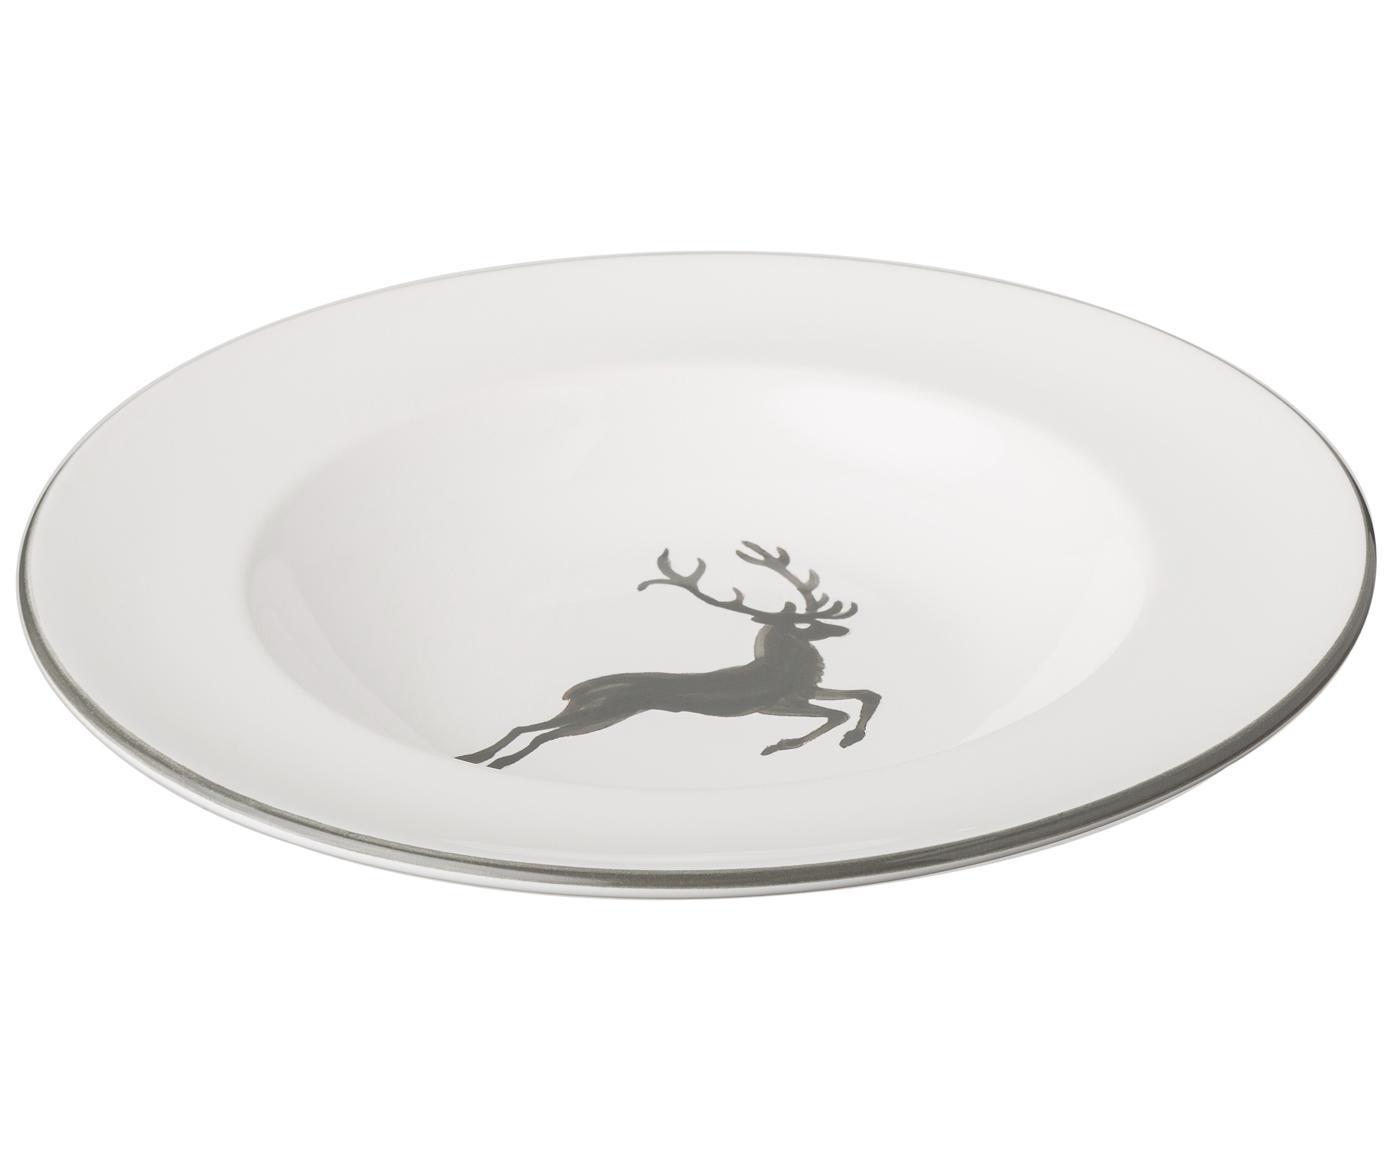 Plato hondo Gourmet Grauer Hirsch, Cerámica, Gris, blanco, Ø 24 cm